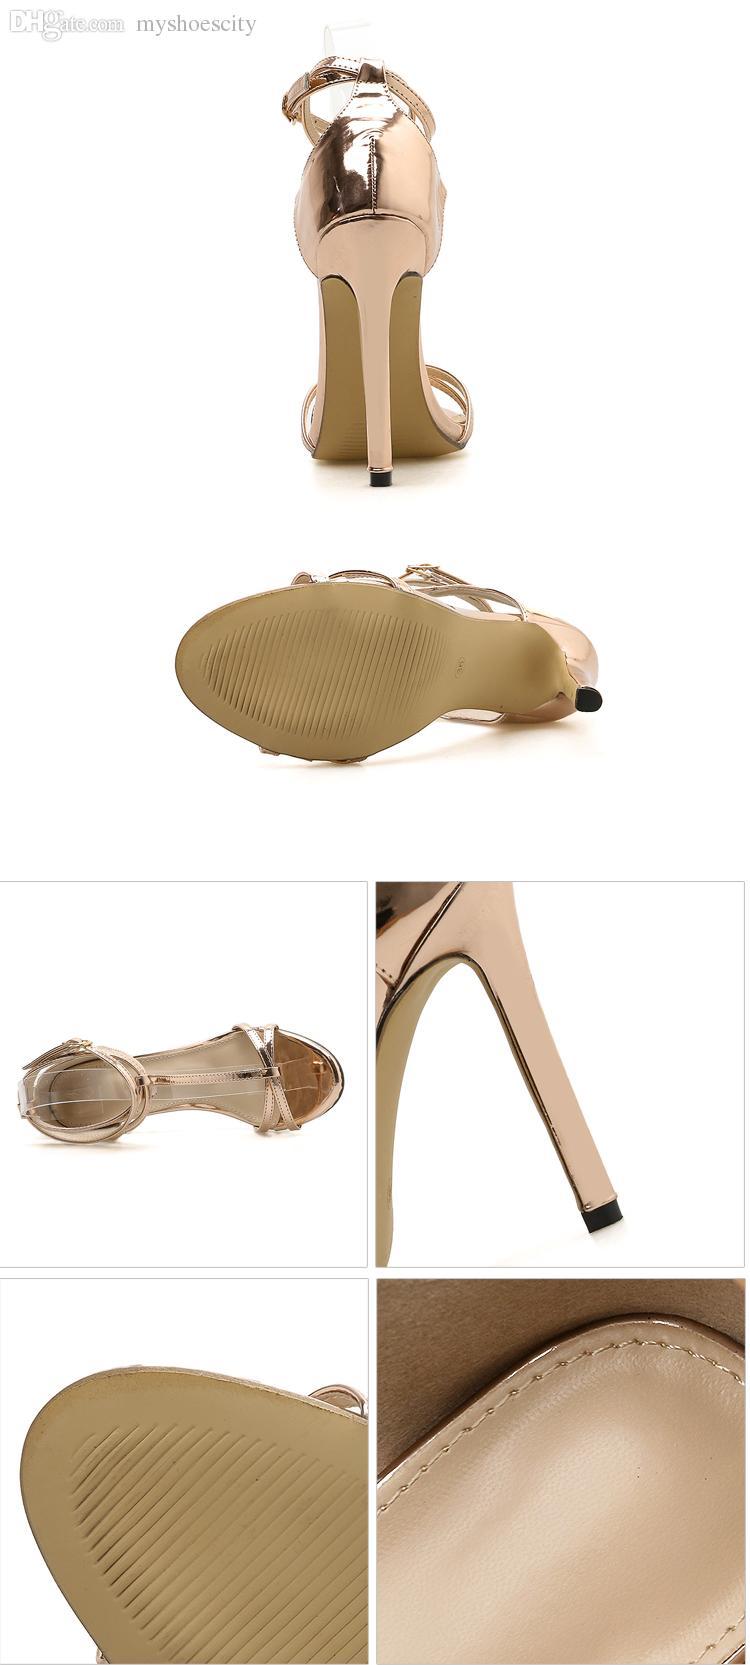 Großhandel Neue Champagner Gold T Riemchen High Heels Schuhe Abschlussball Schuhe Größe 35 Bis 40 Von Myshoescity, $28.88 Auf De.Dhgate.Com | Dhgate